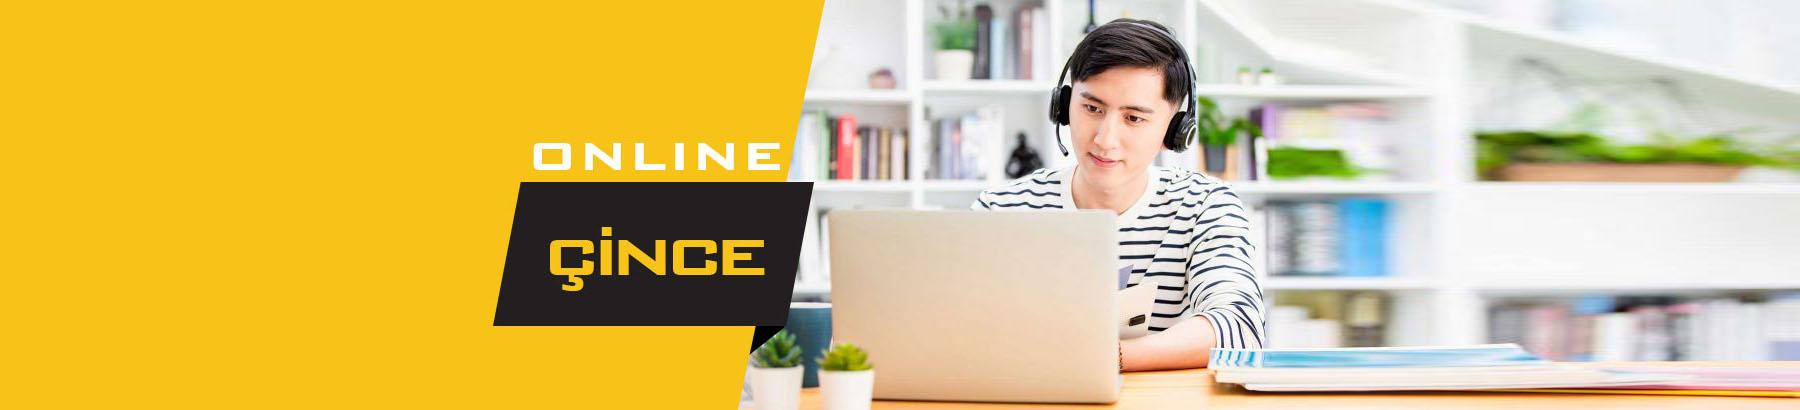 Çince Online